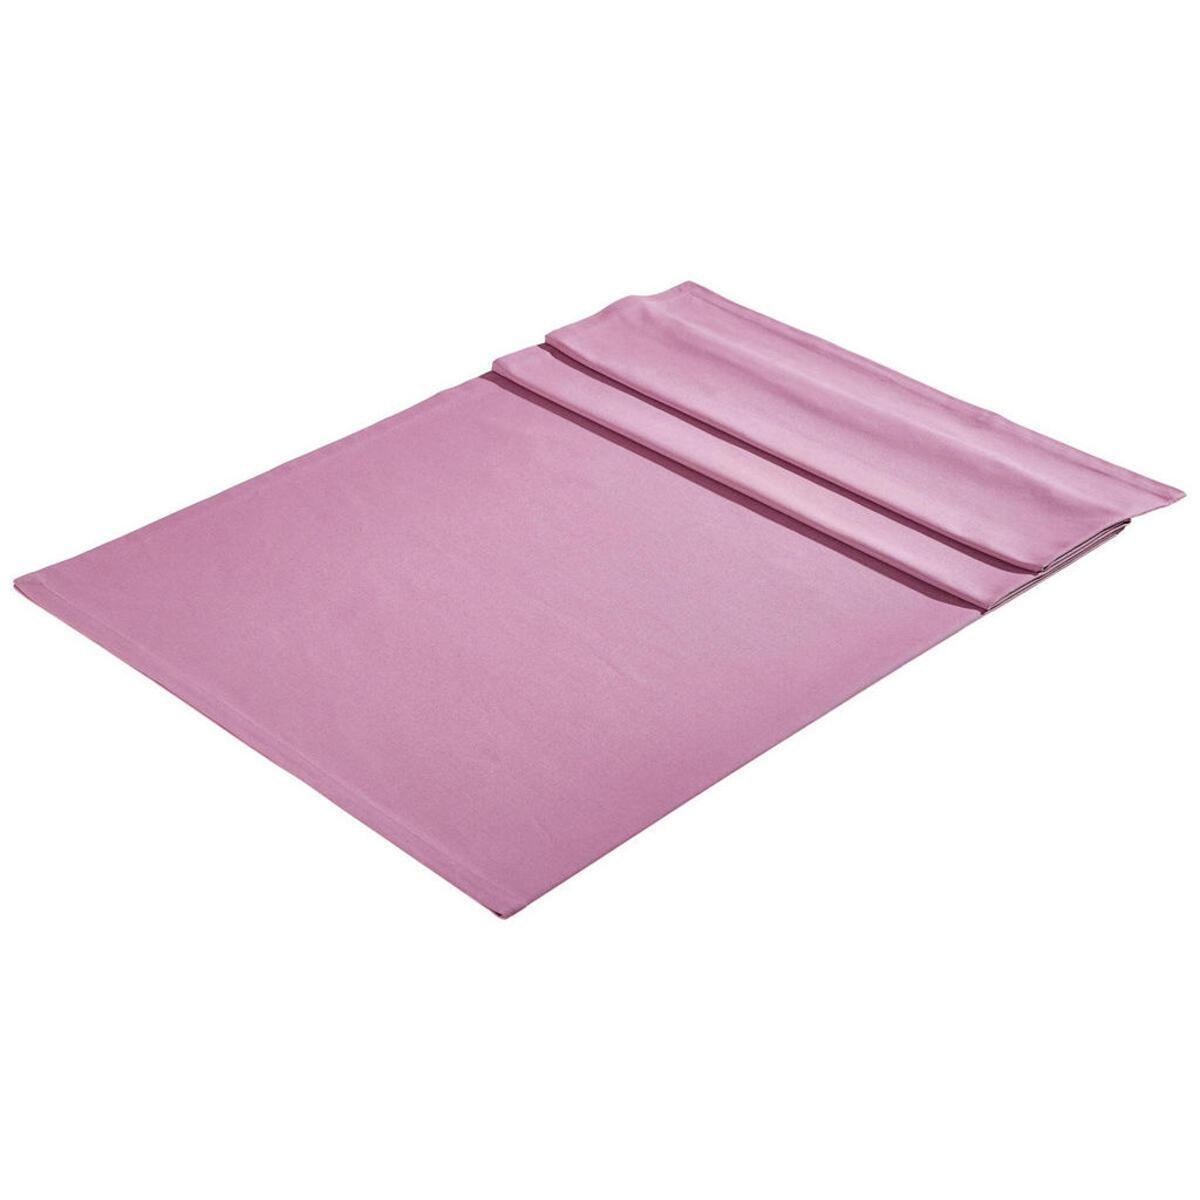 TISCHDECKE Textil Webstoff Violett 130/160 cm von XXXLutz